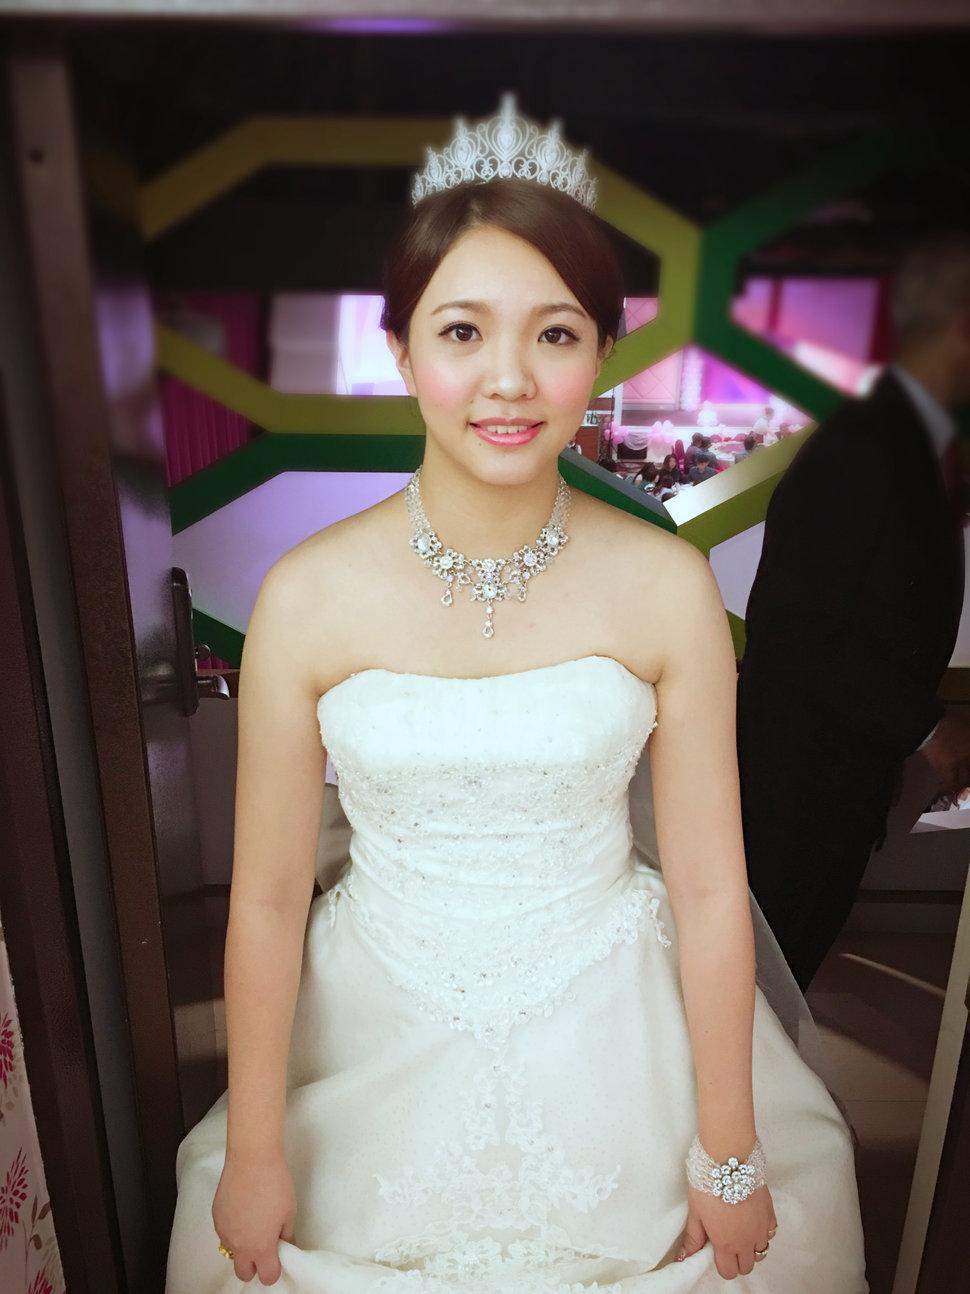 E5B15587-1703-40B1-8B22-47904ACB7179 - 李宥萱 - 結婚吧